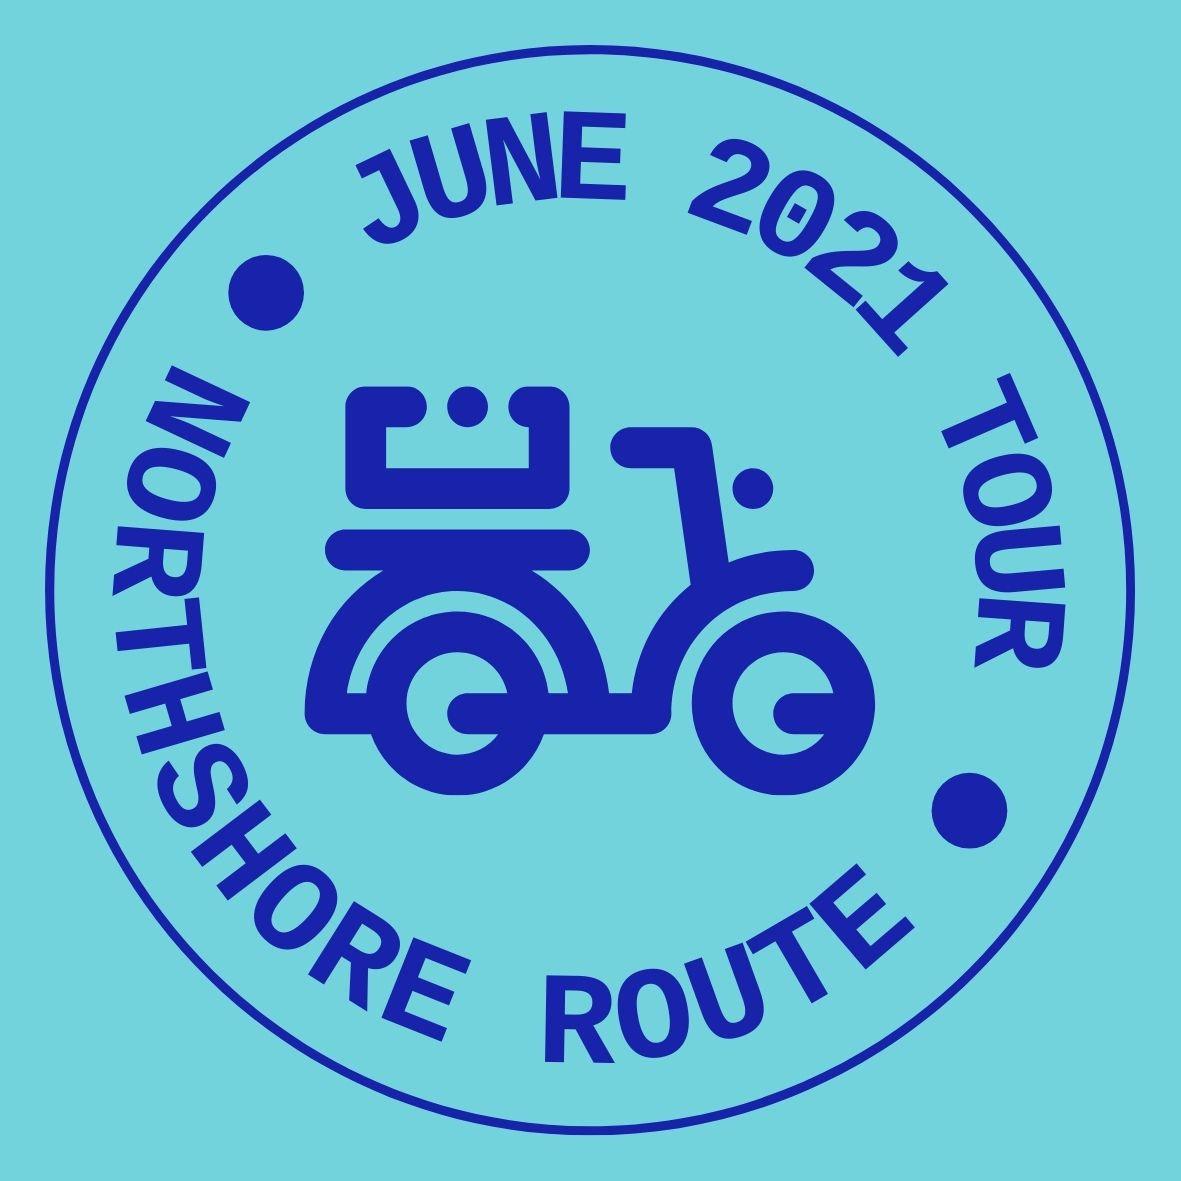 June 2021 Northshore Tour